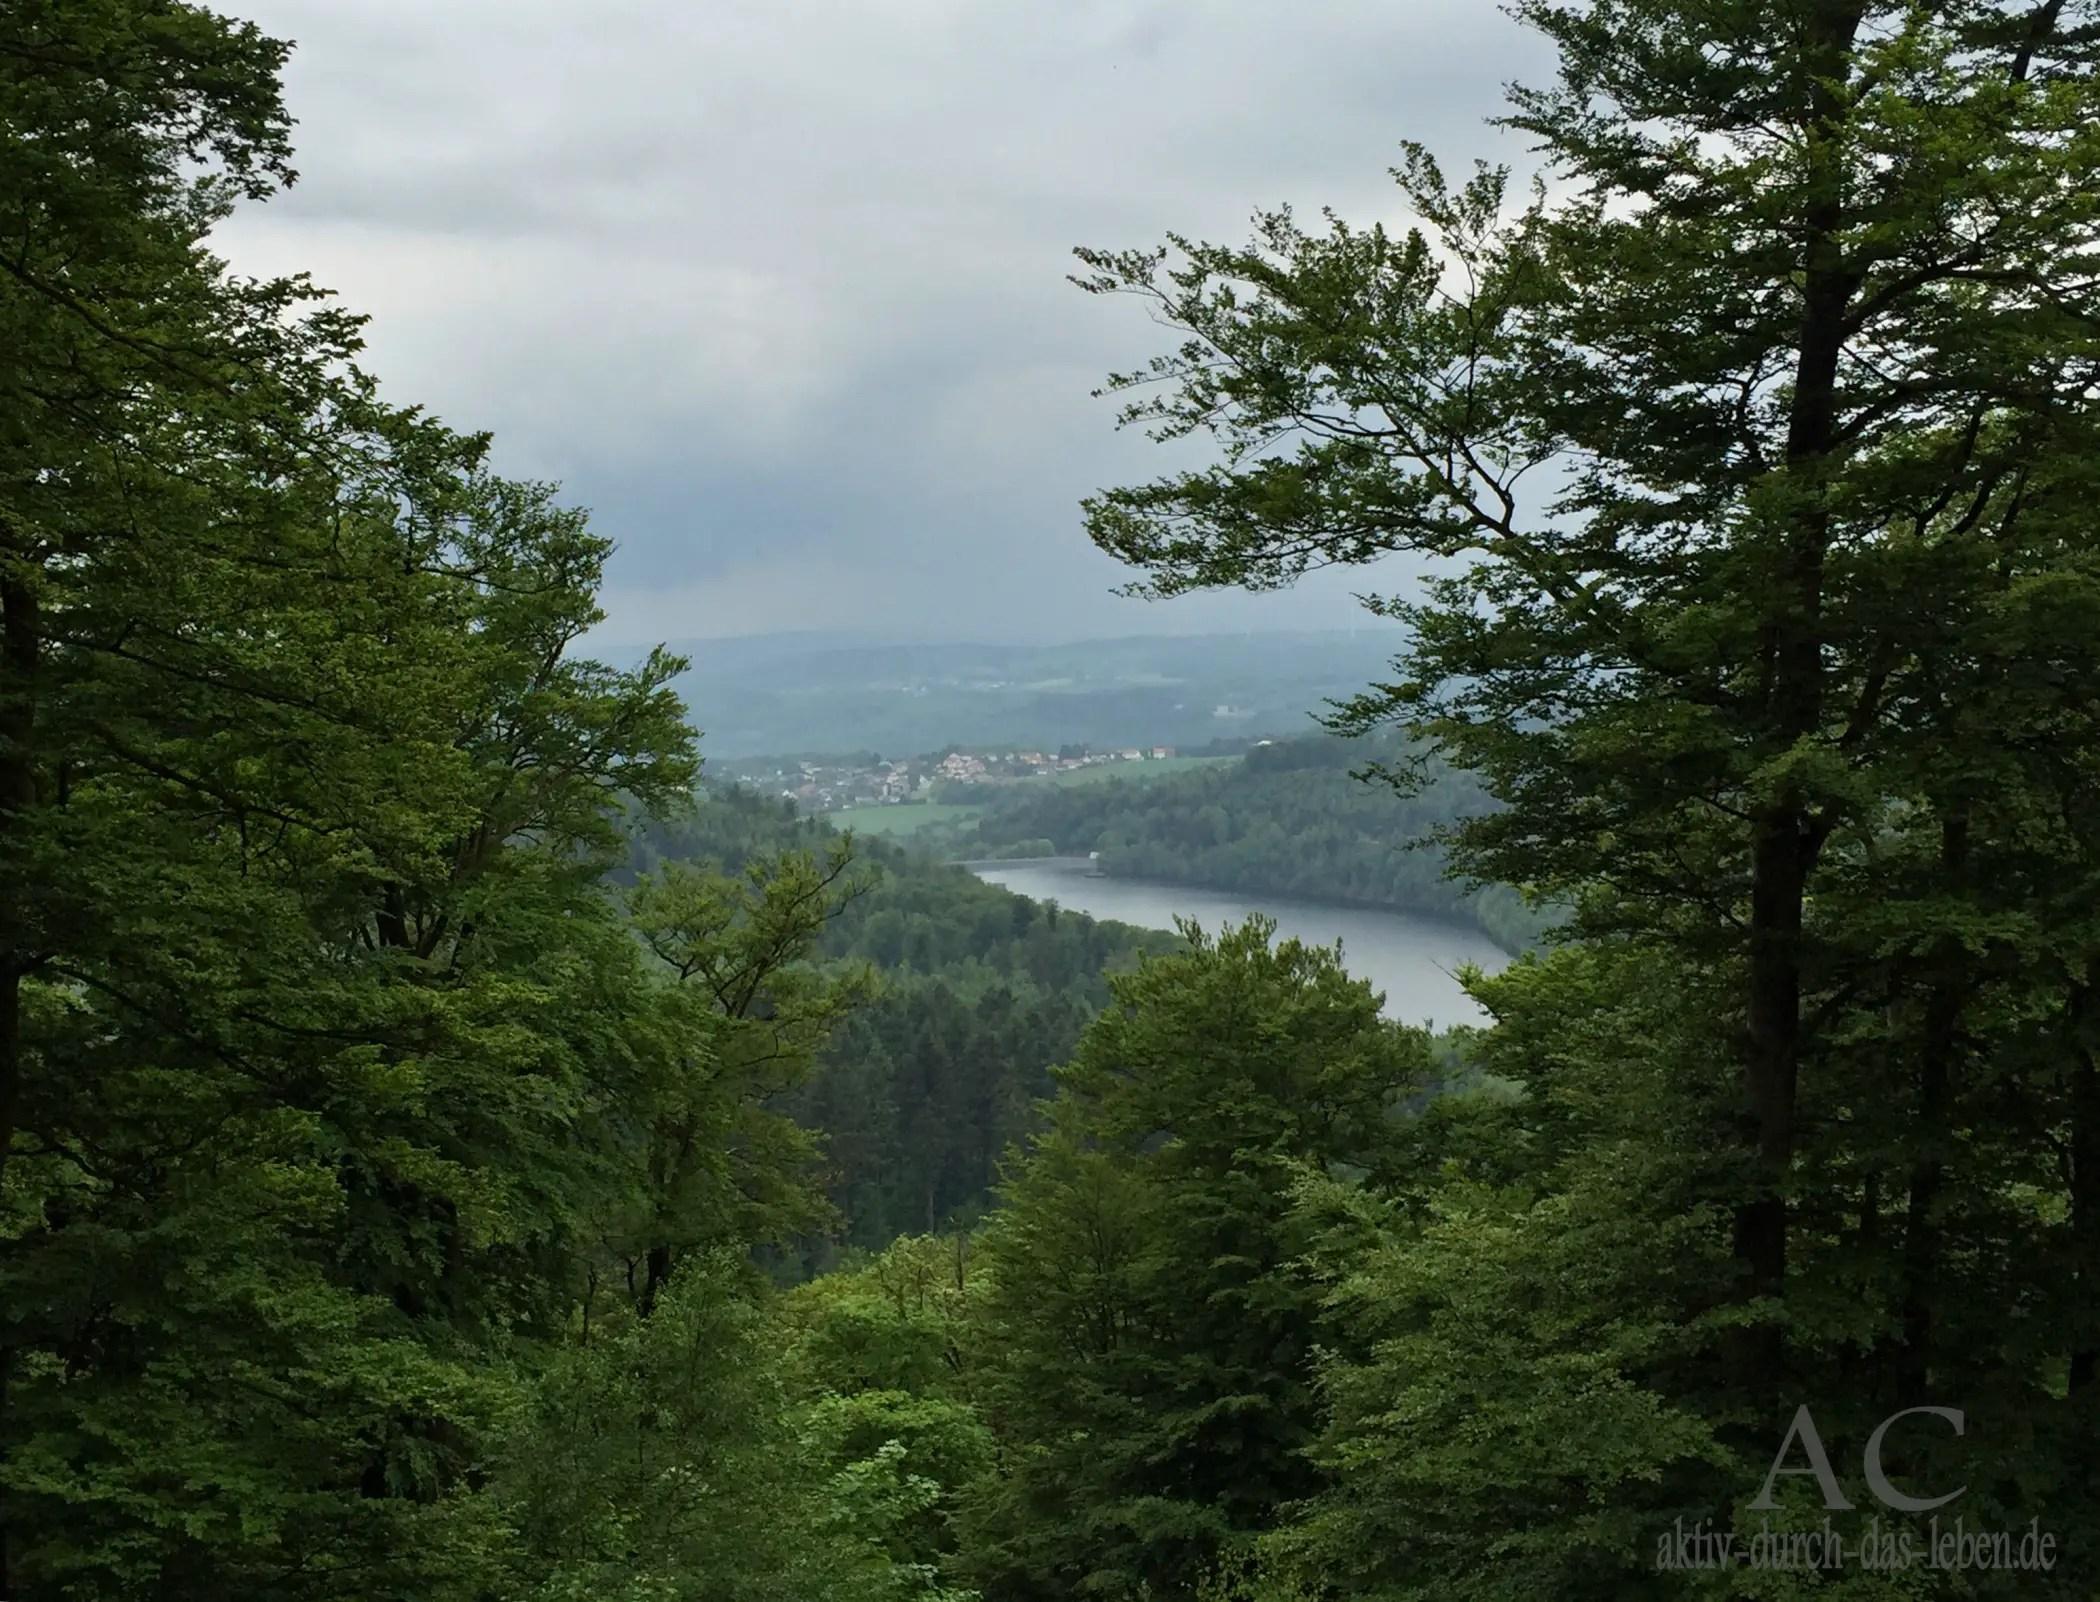 Blick auf die Talsperre Nonnweiler